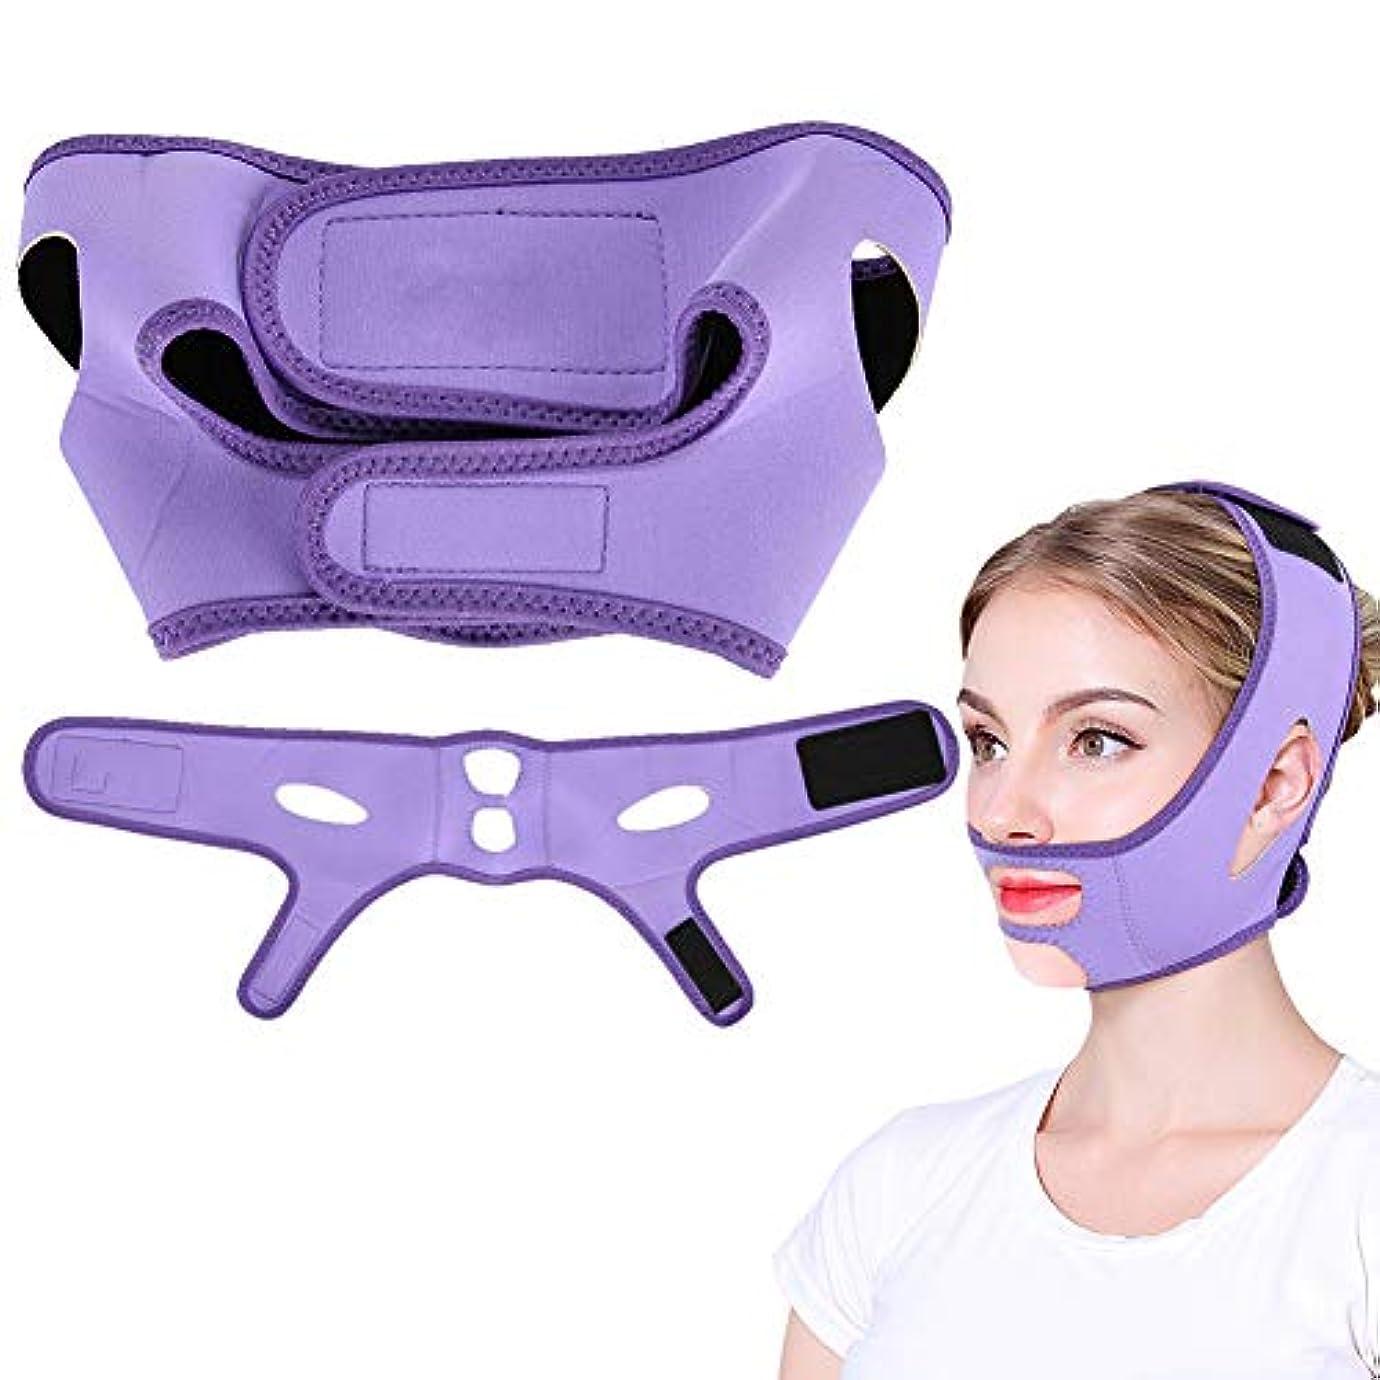 砂武装解除錆びフェイススリミング包帯小 顔 美顔 矯正、顎リフト フェイススリミングマスク (パープル)